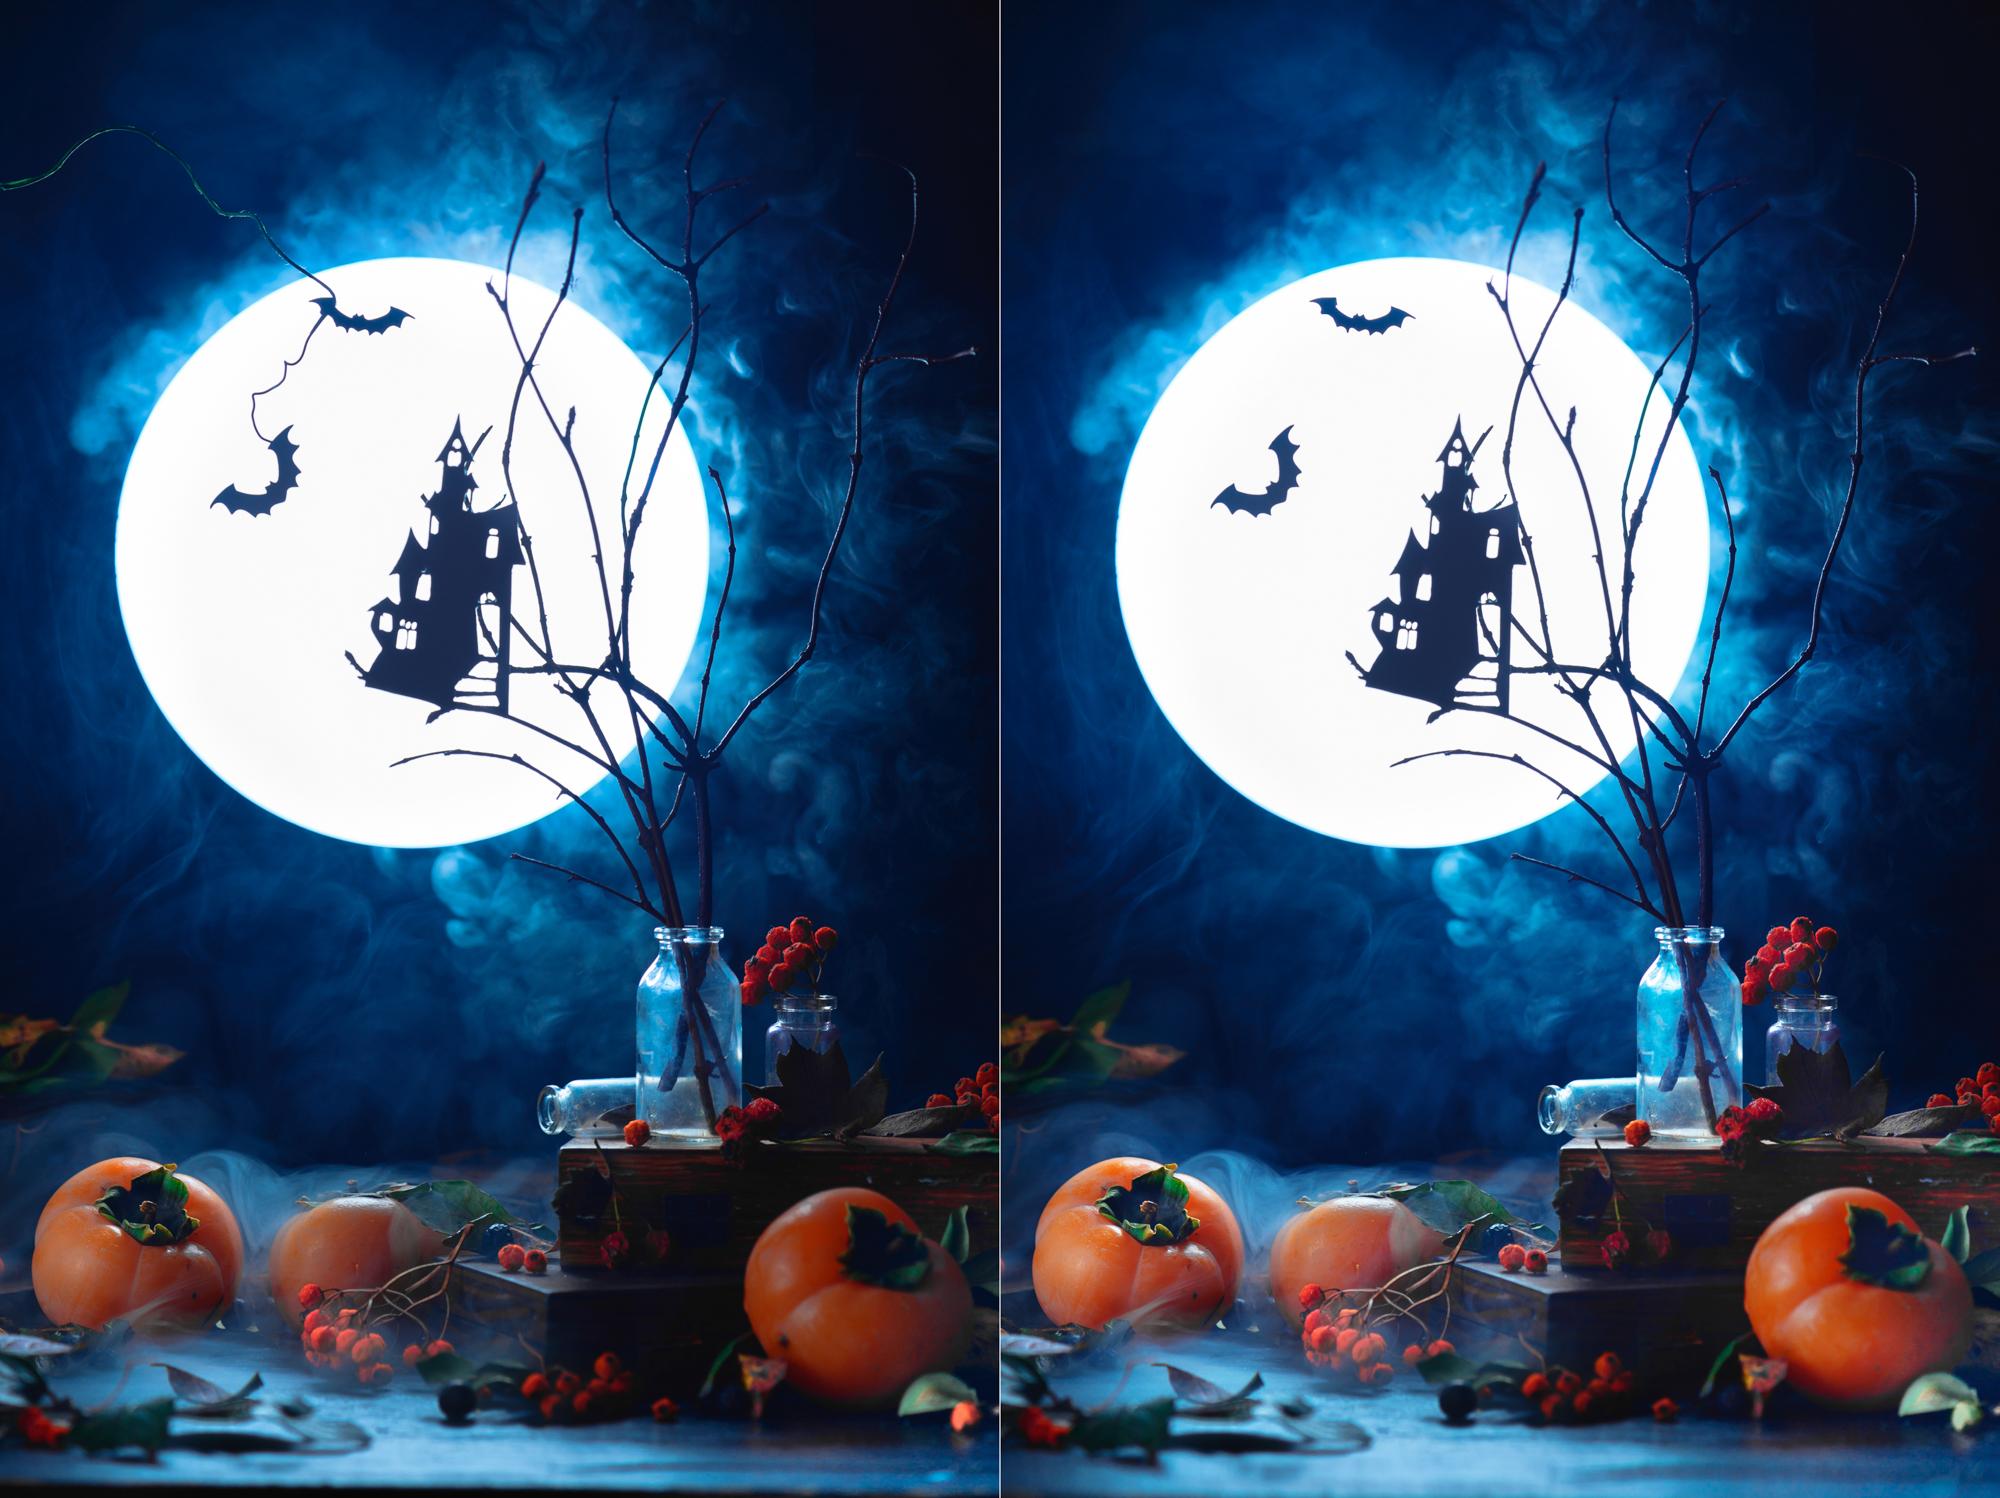 500px_blog_Halloween_still_life_tutorial_post_processing